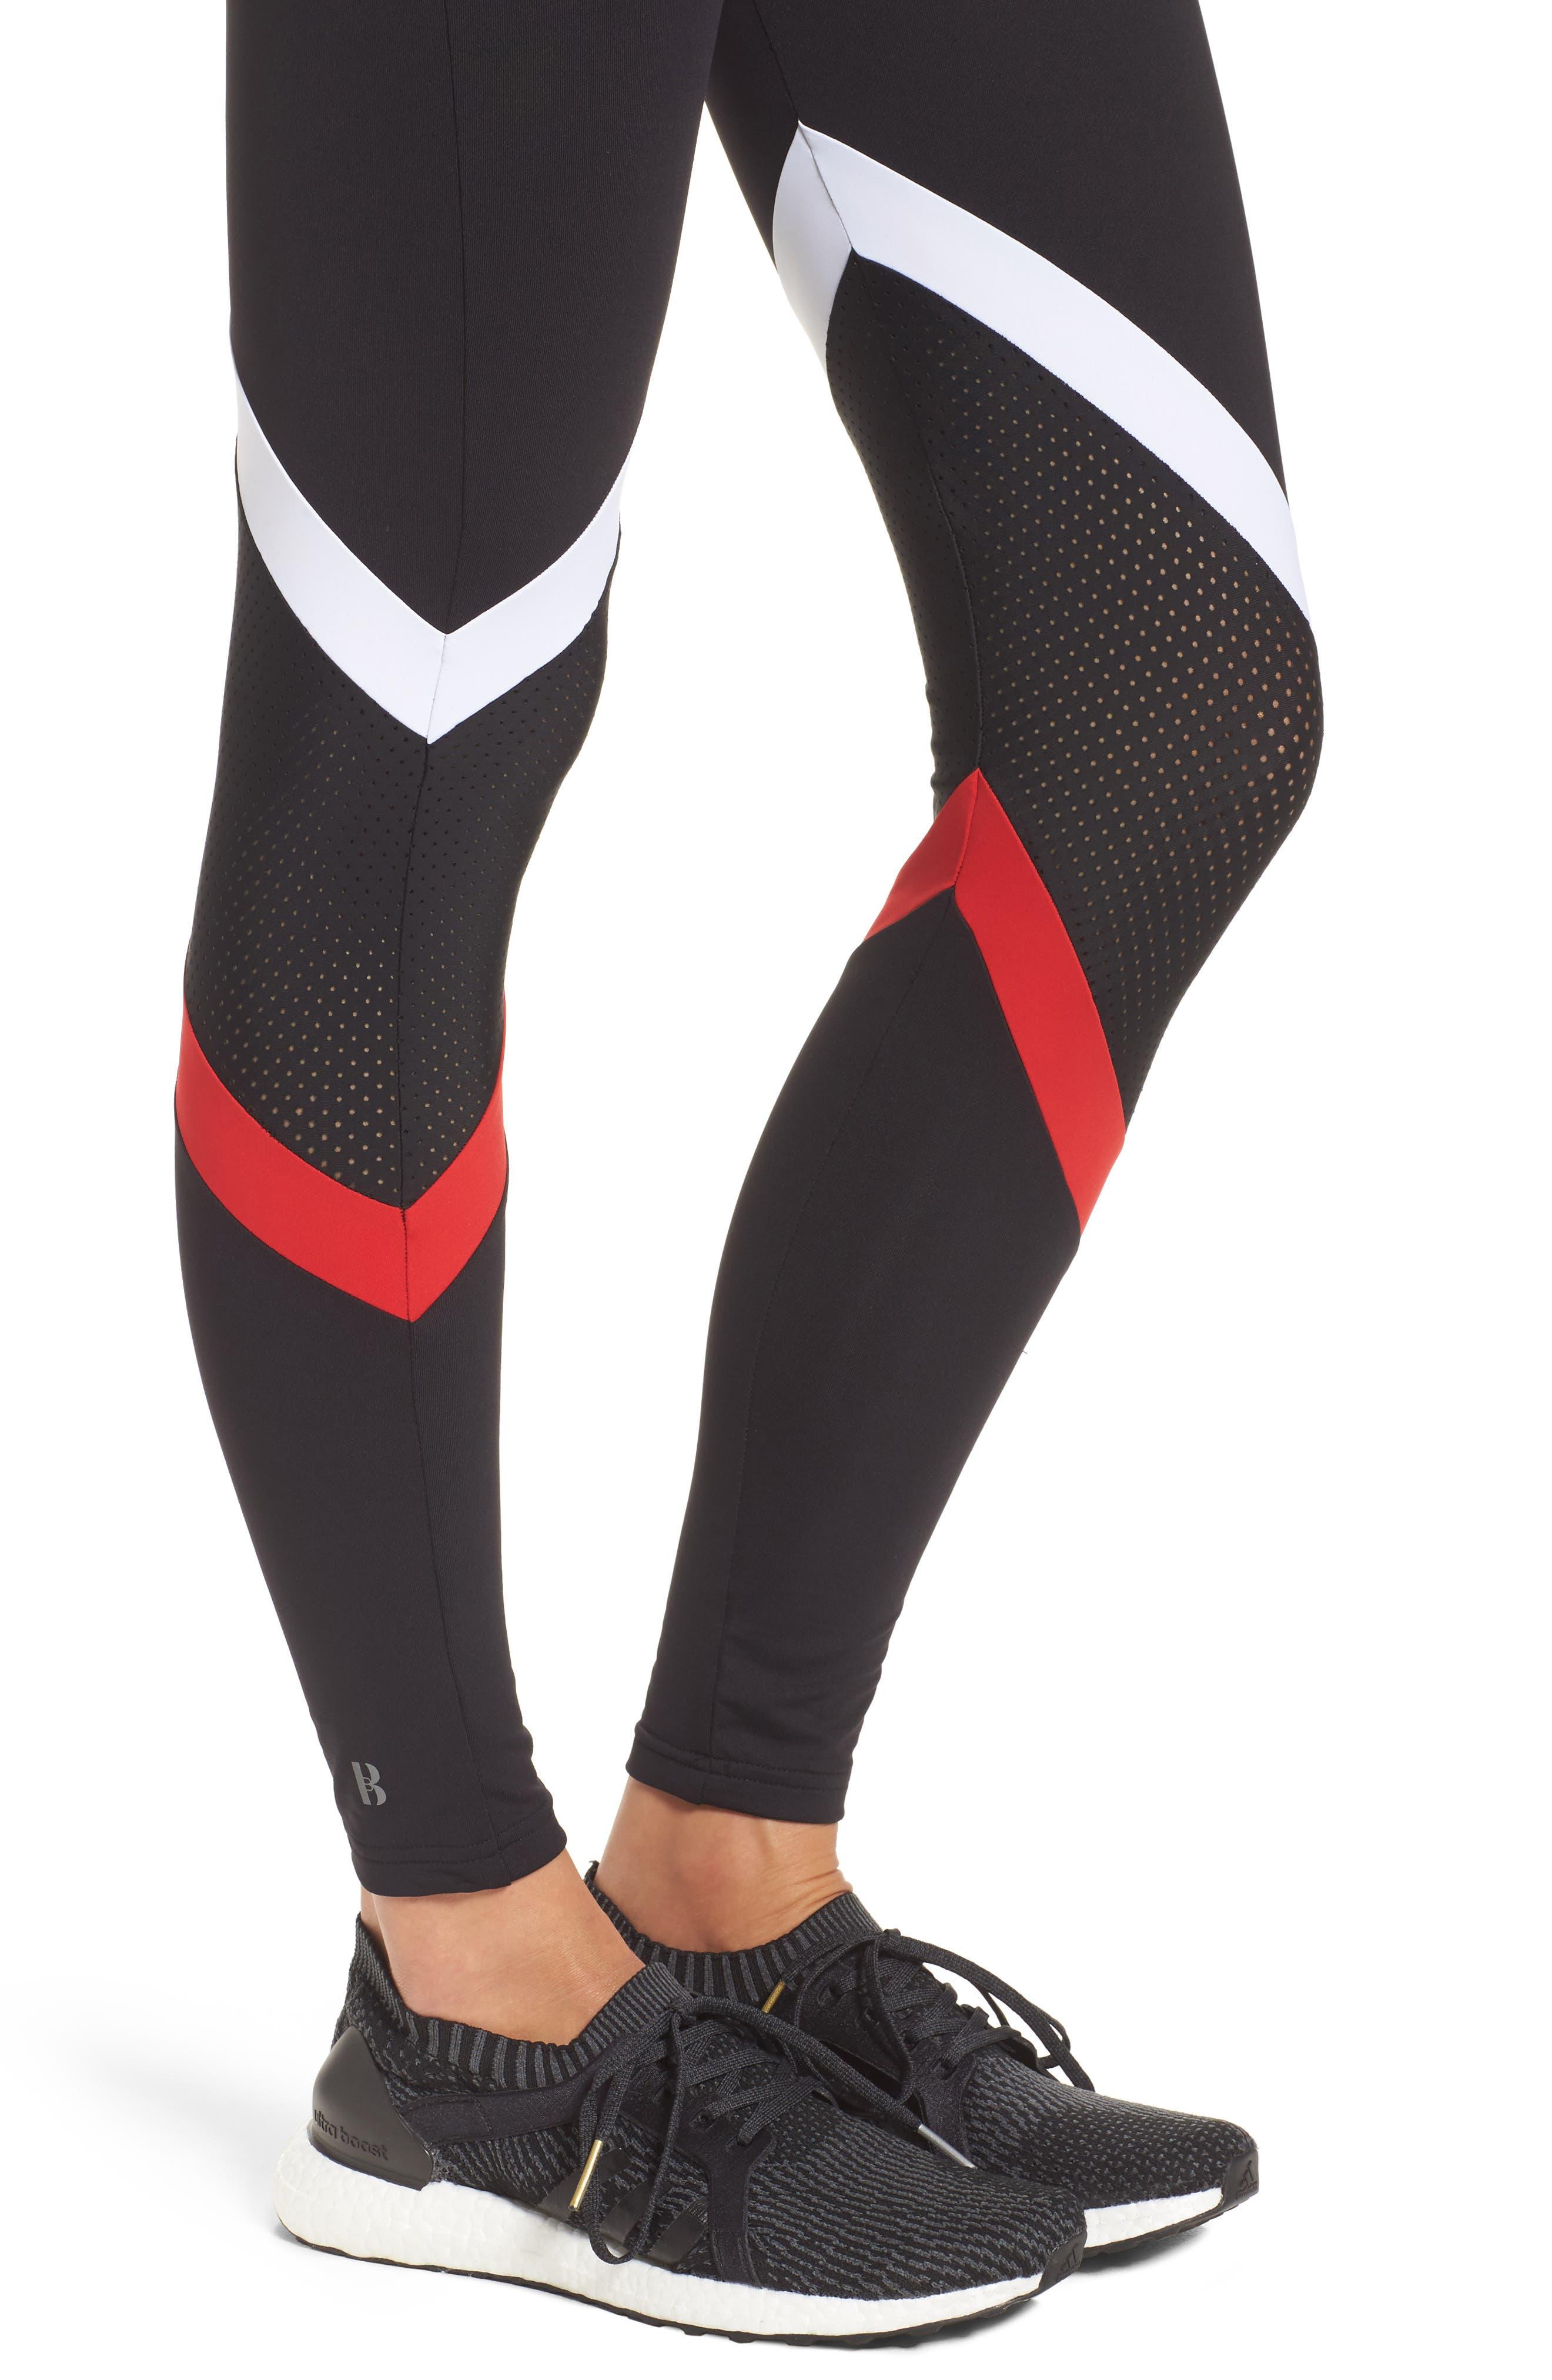 BoomBoom Athletica Leggings,                             Alternate thumbnail 4, color,                             Black/ White/ Red